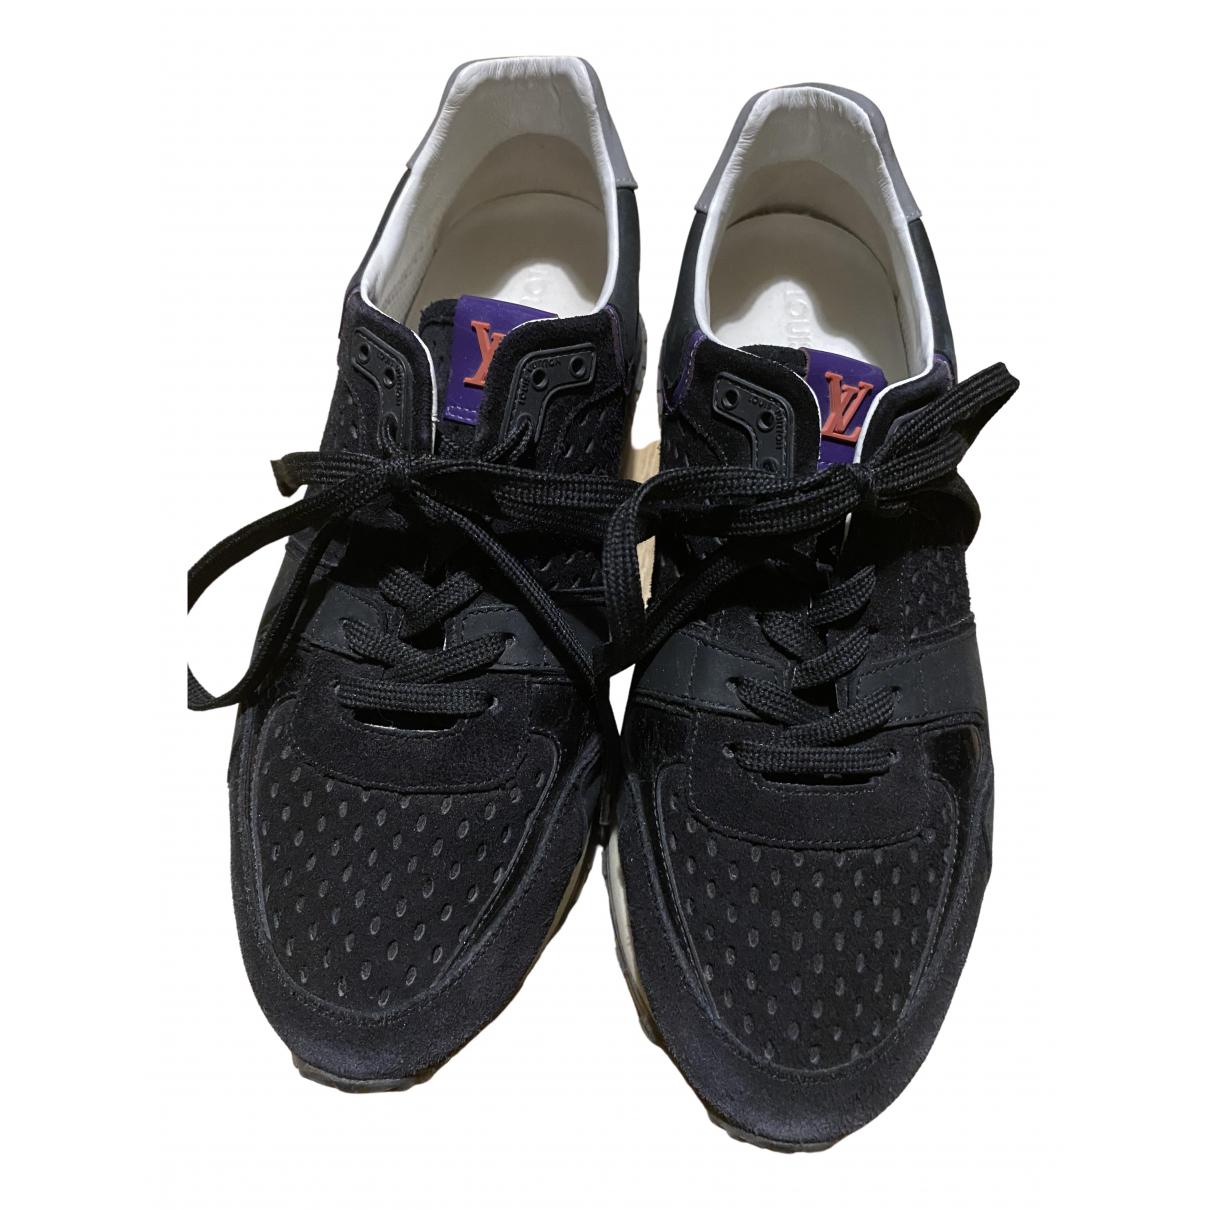 Louis Vuitton Run Away Black Cloth Trainers for Women 38.5 EU